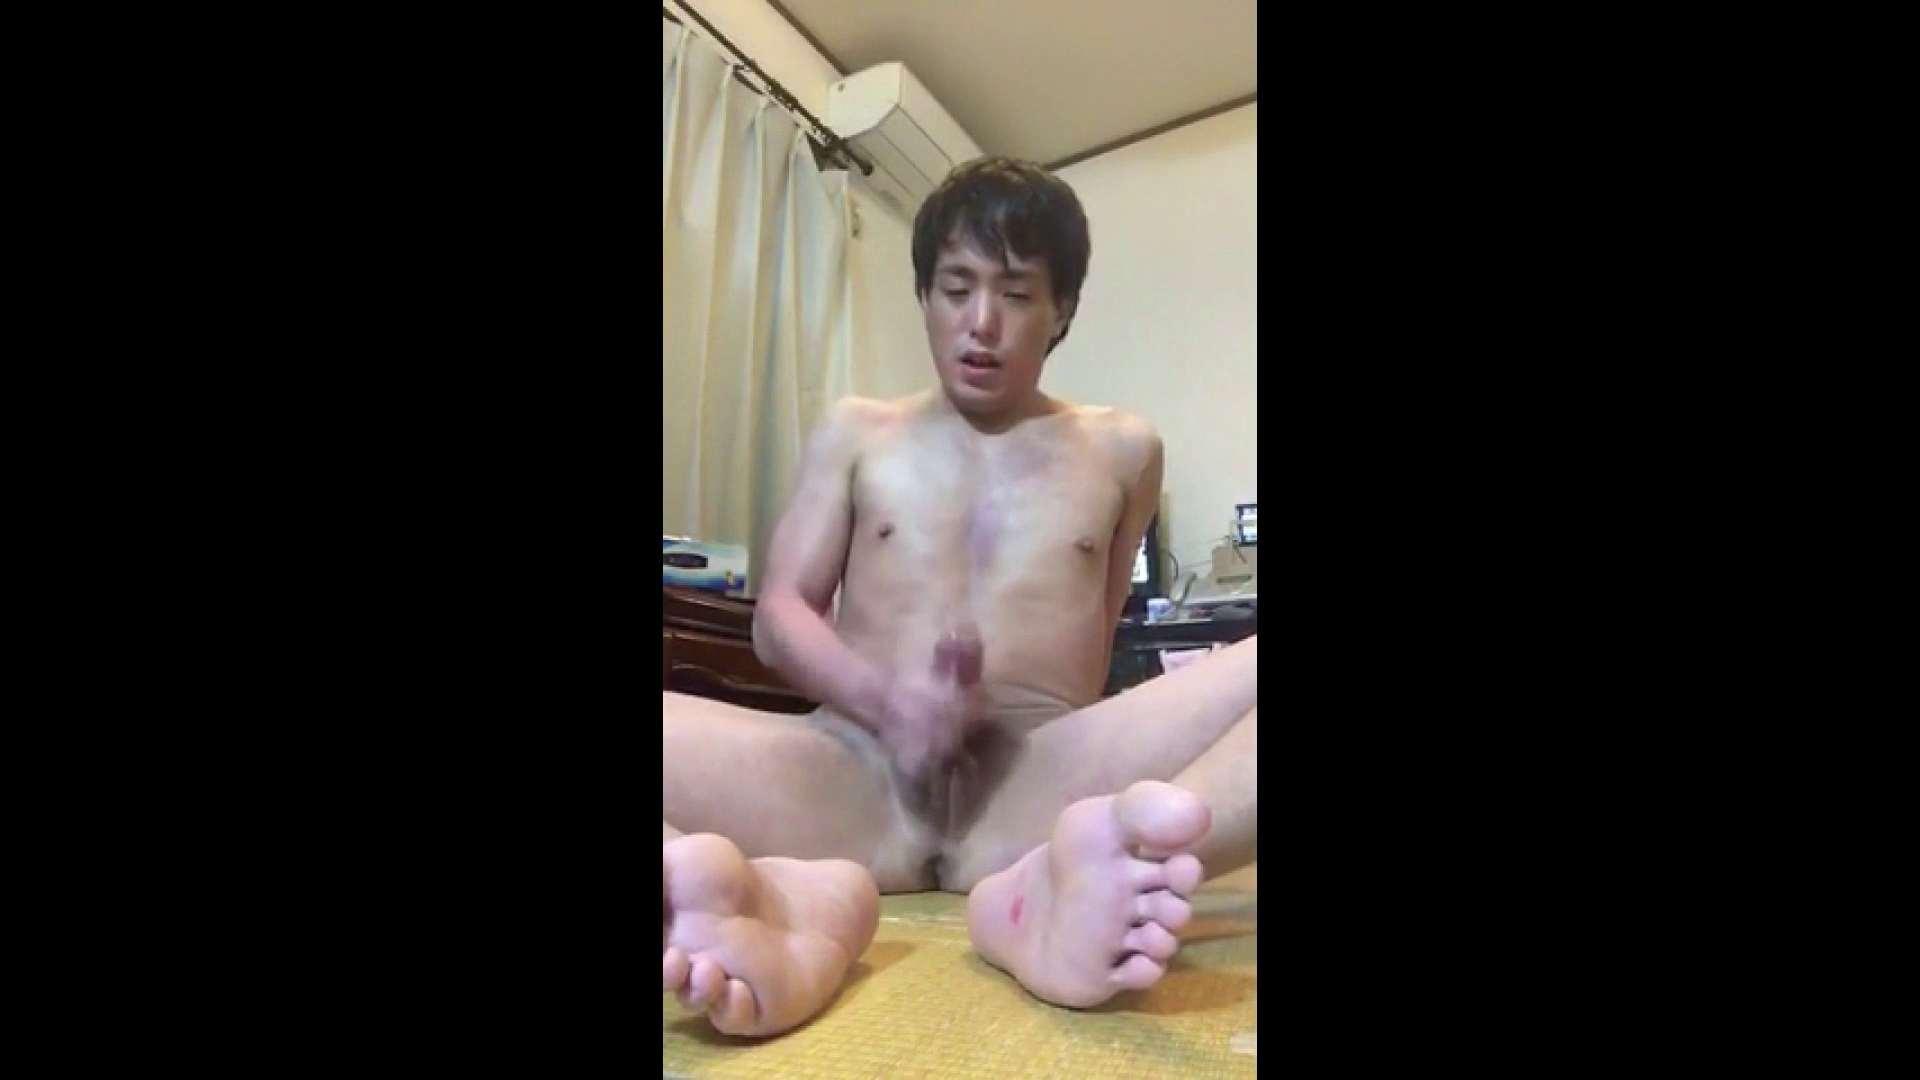 個人撮影 自慰の極意 Vol.30 オナニー ゲイアダルトビデオ画像 78pic 18